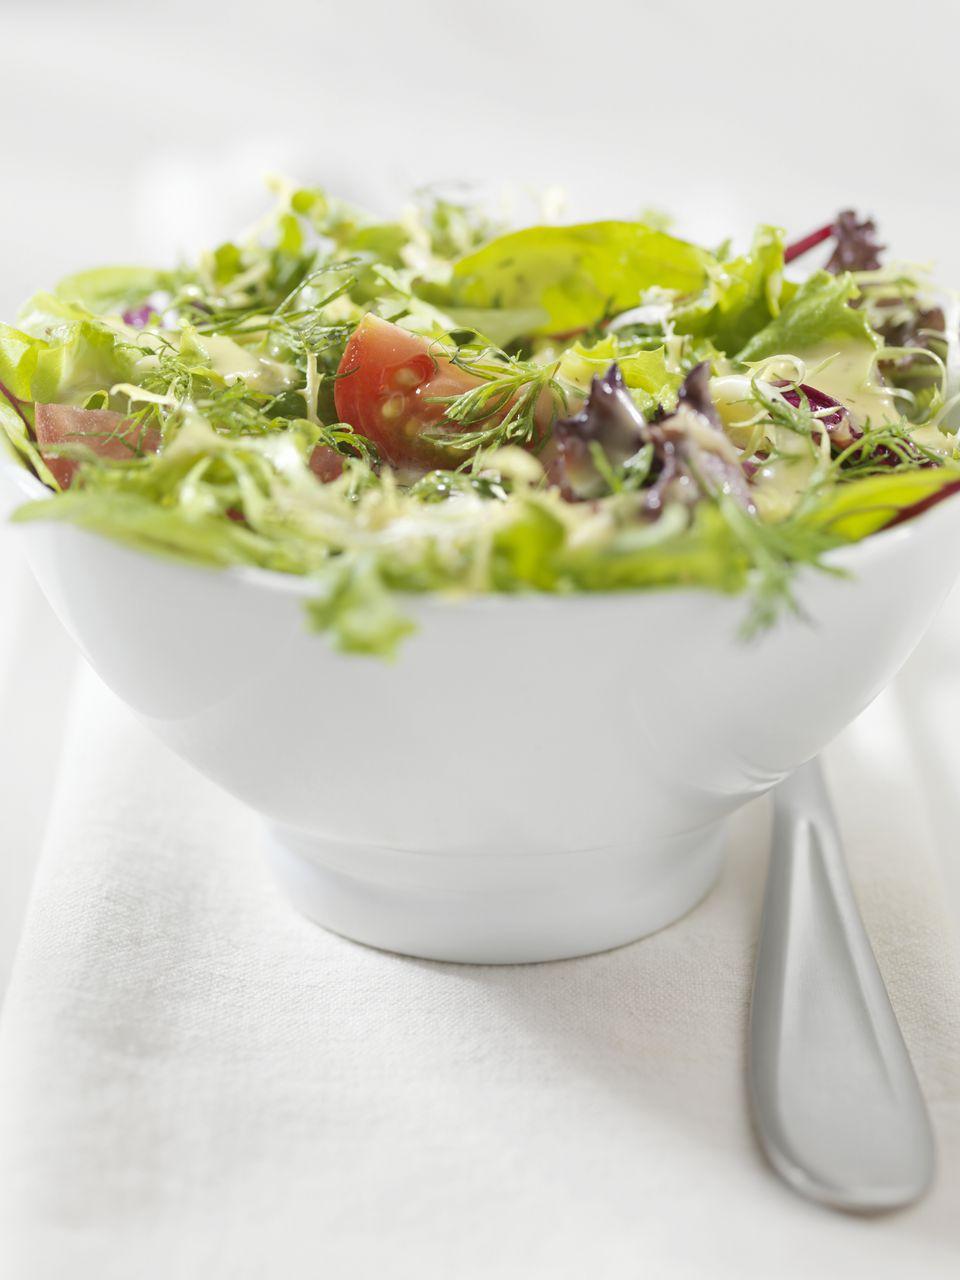 Salad with Dijon vinaigrette